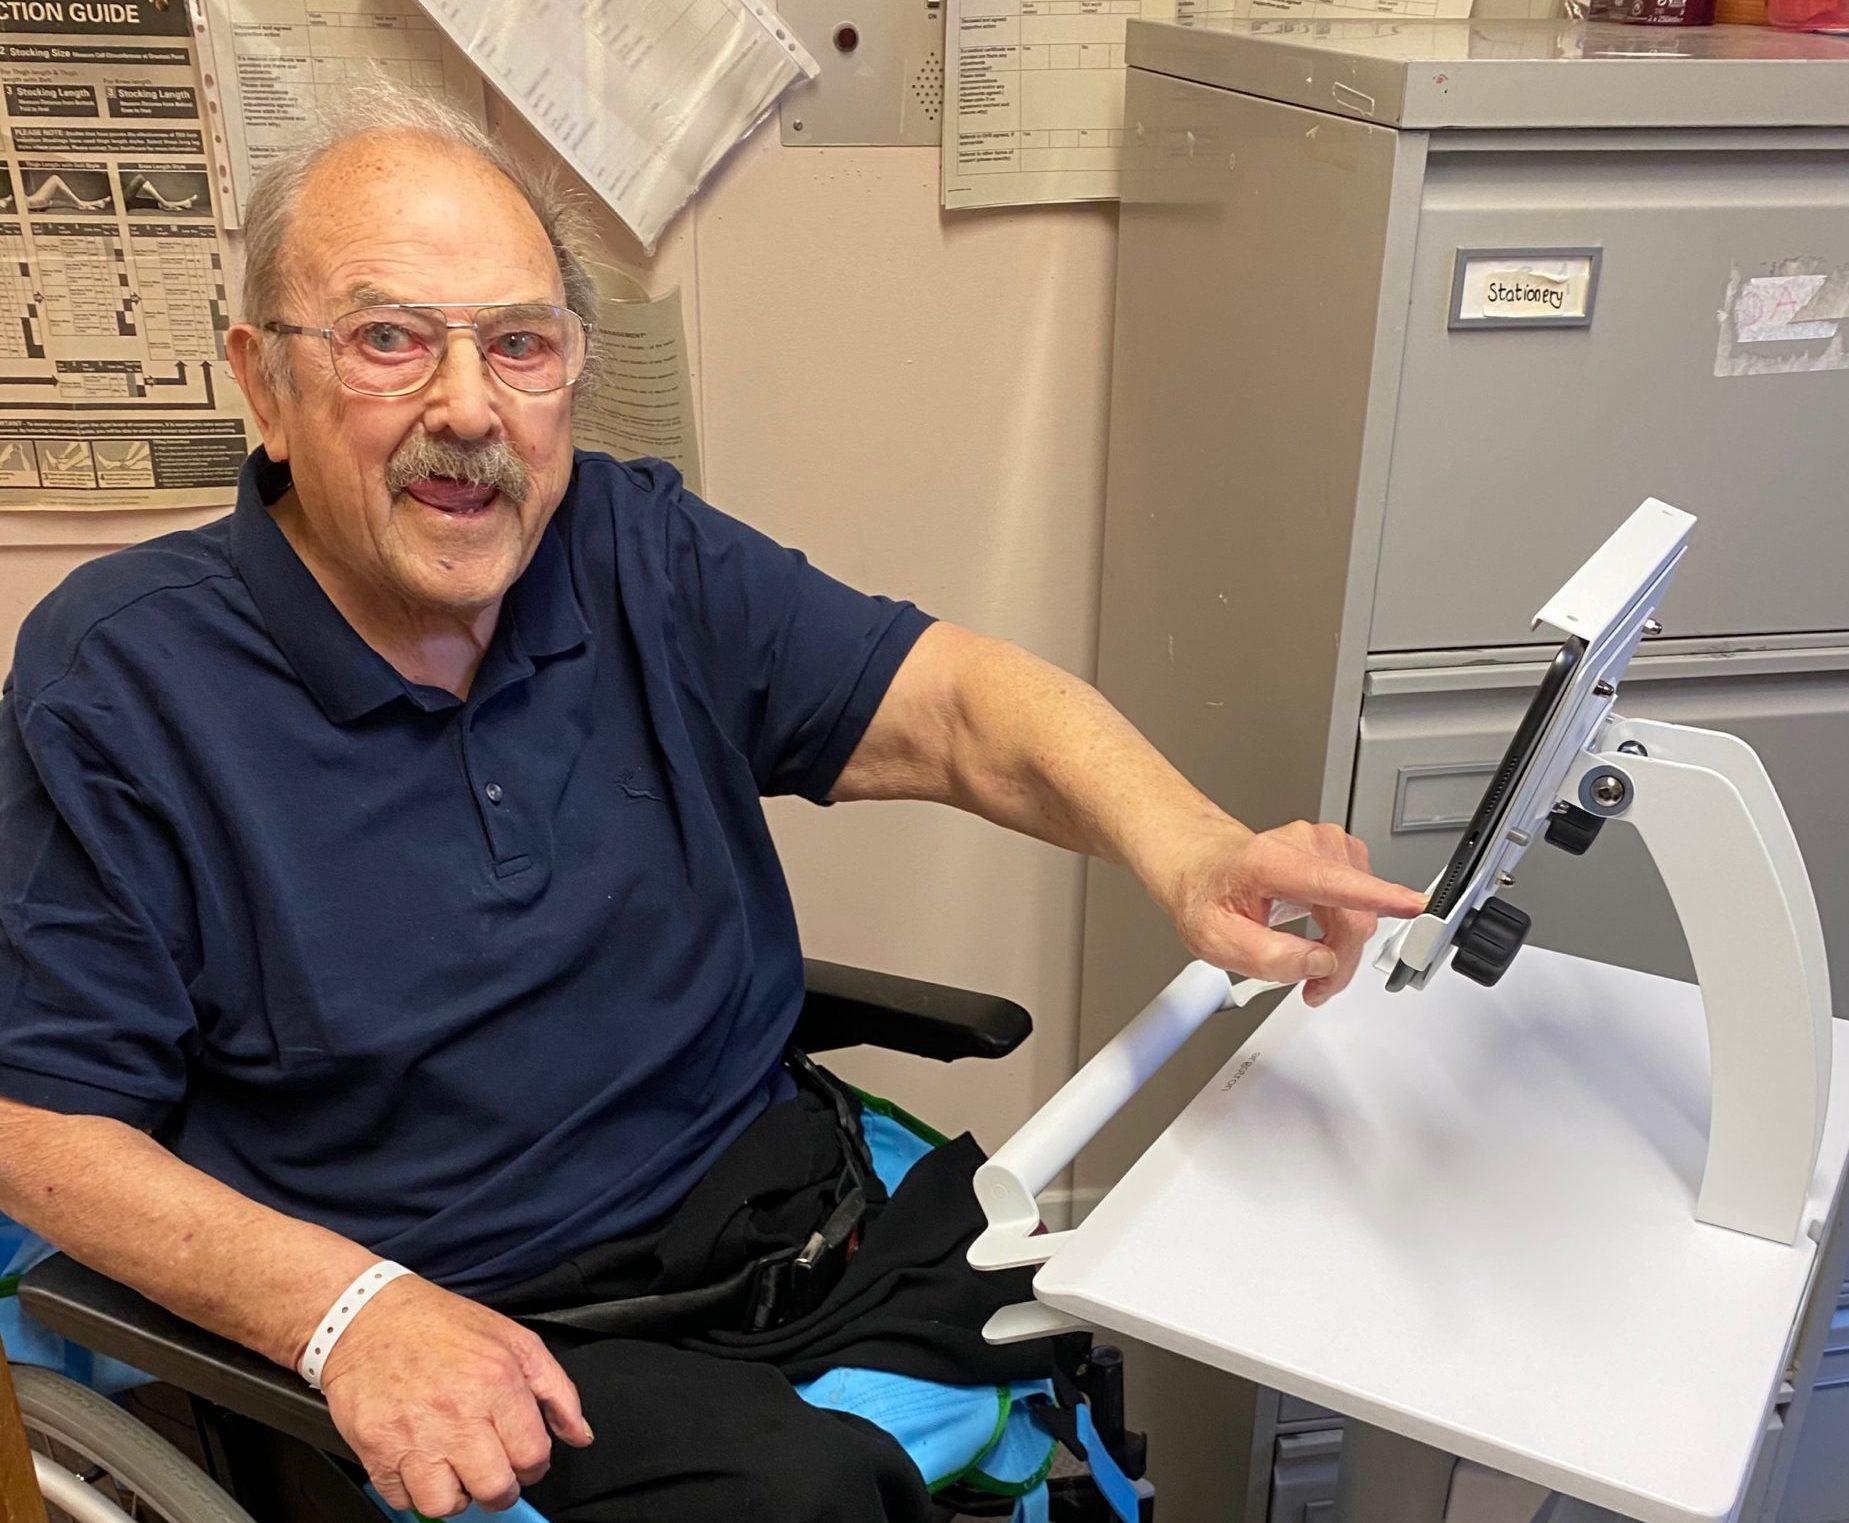 Jim Cameron, 84, making use of the virtual visiting facilities